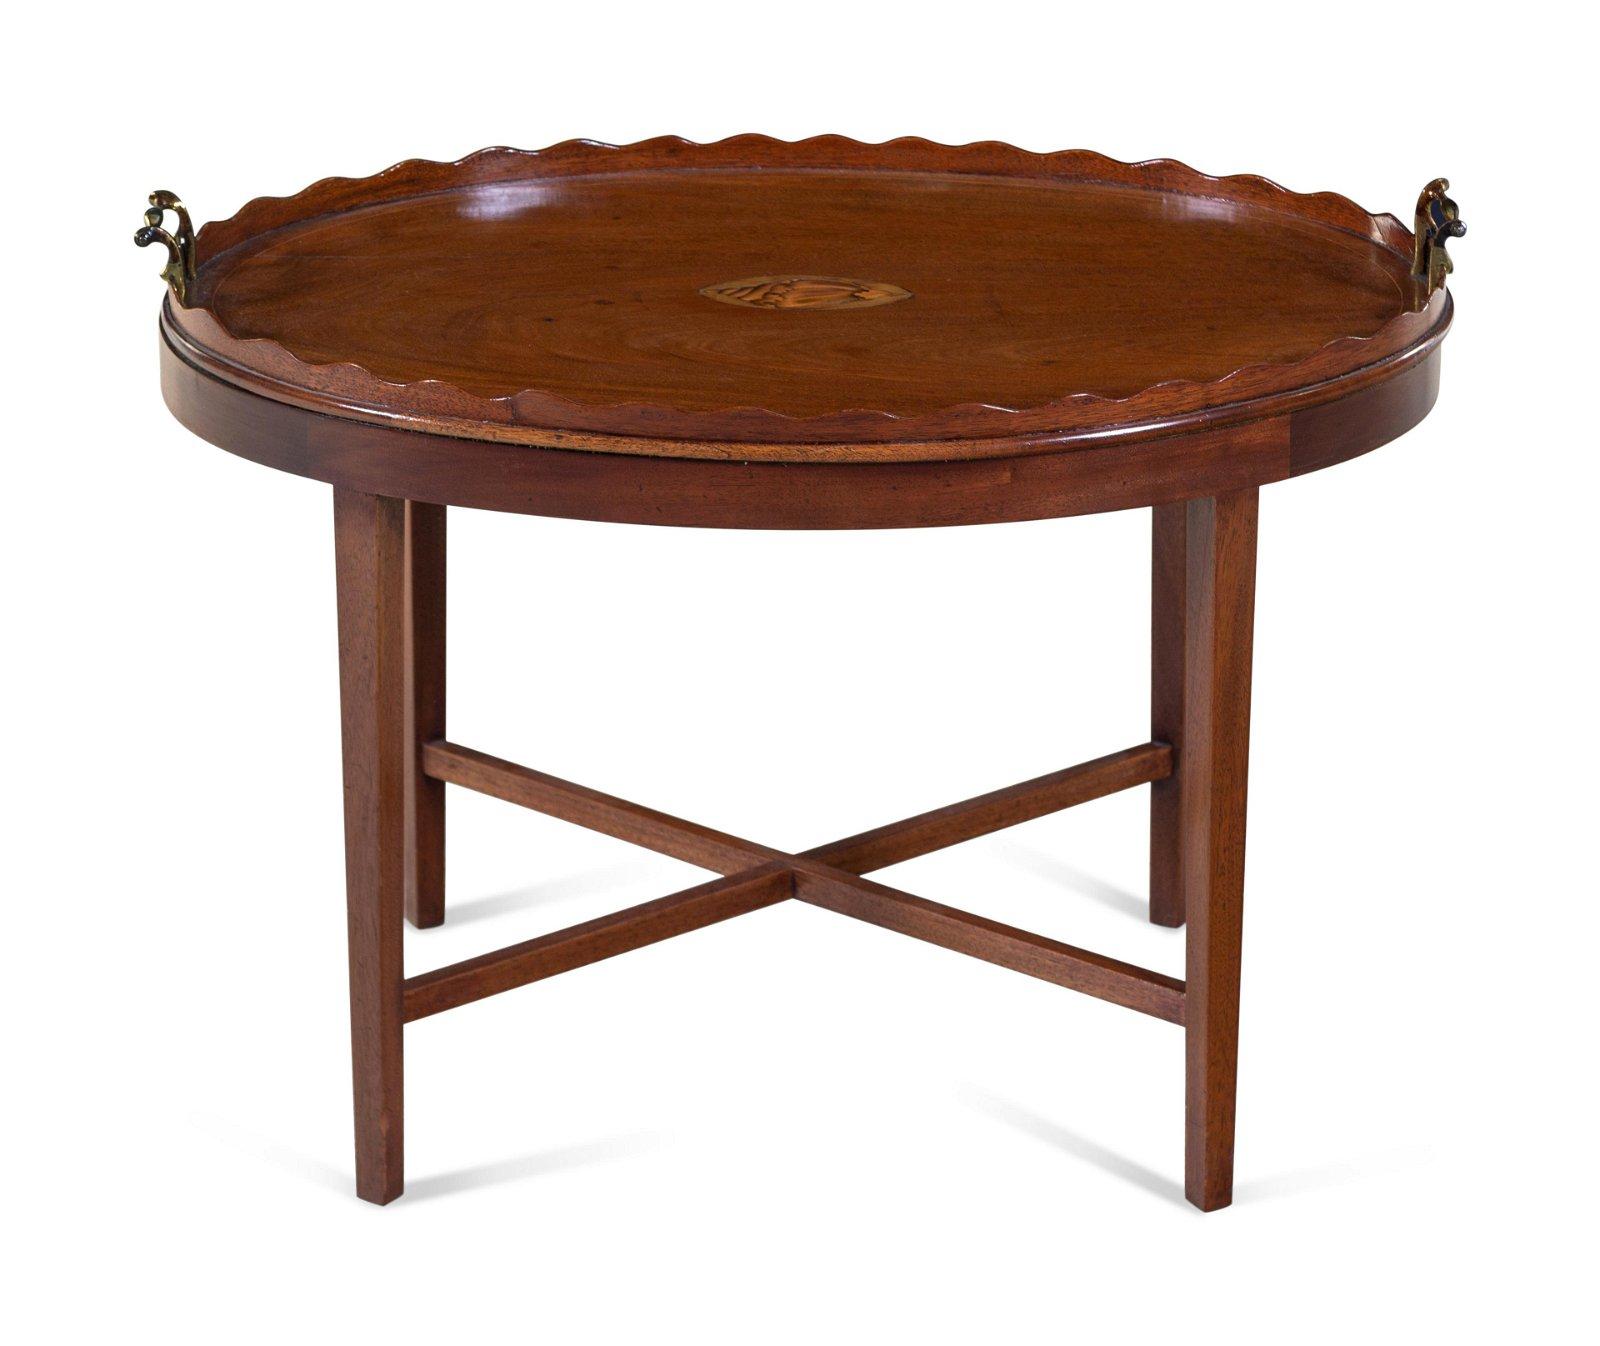 A Georgian Style Inlaid Mahogany Tray